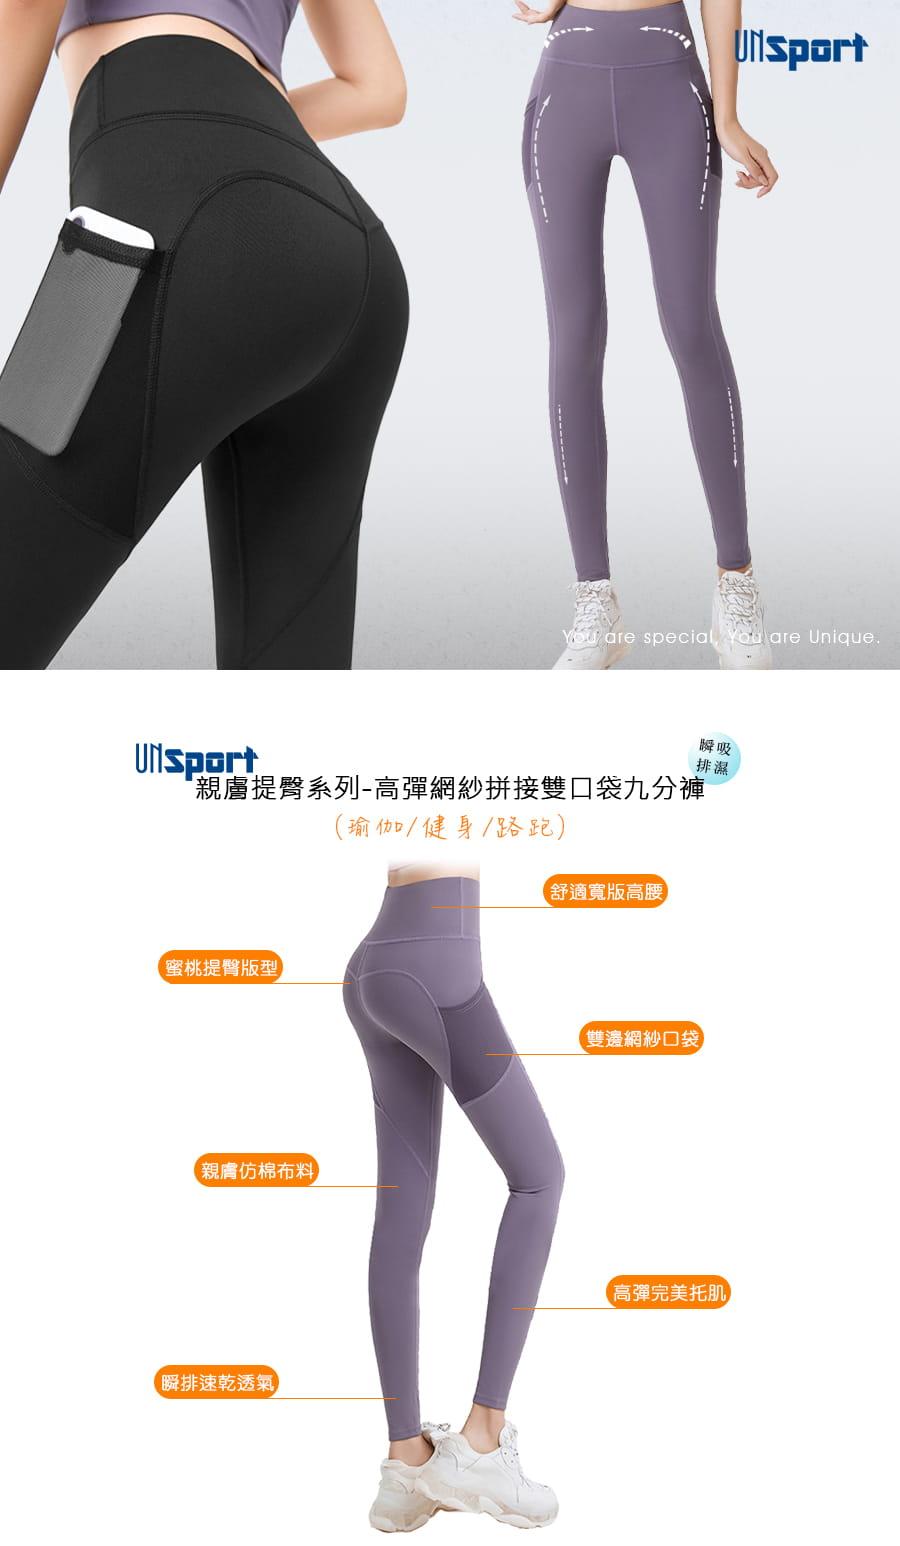 【Un-Sport高機能】提臀系列-高彈網紗拼接雙口袋九分褲(瞬吸排濕/瑜伽/健身) 1